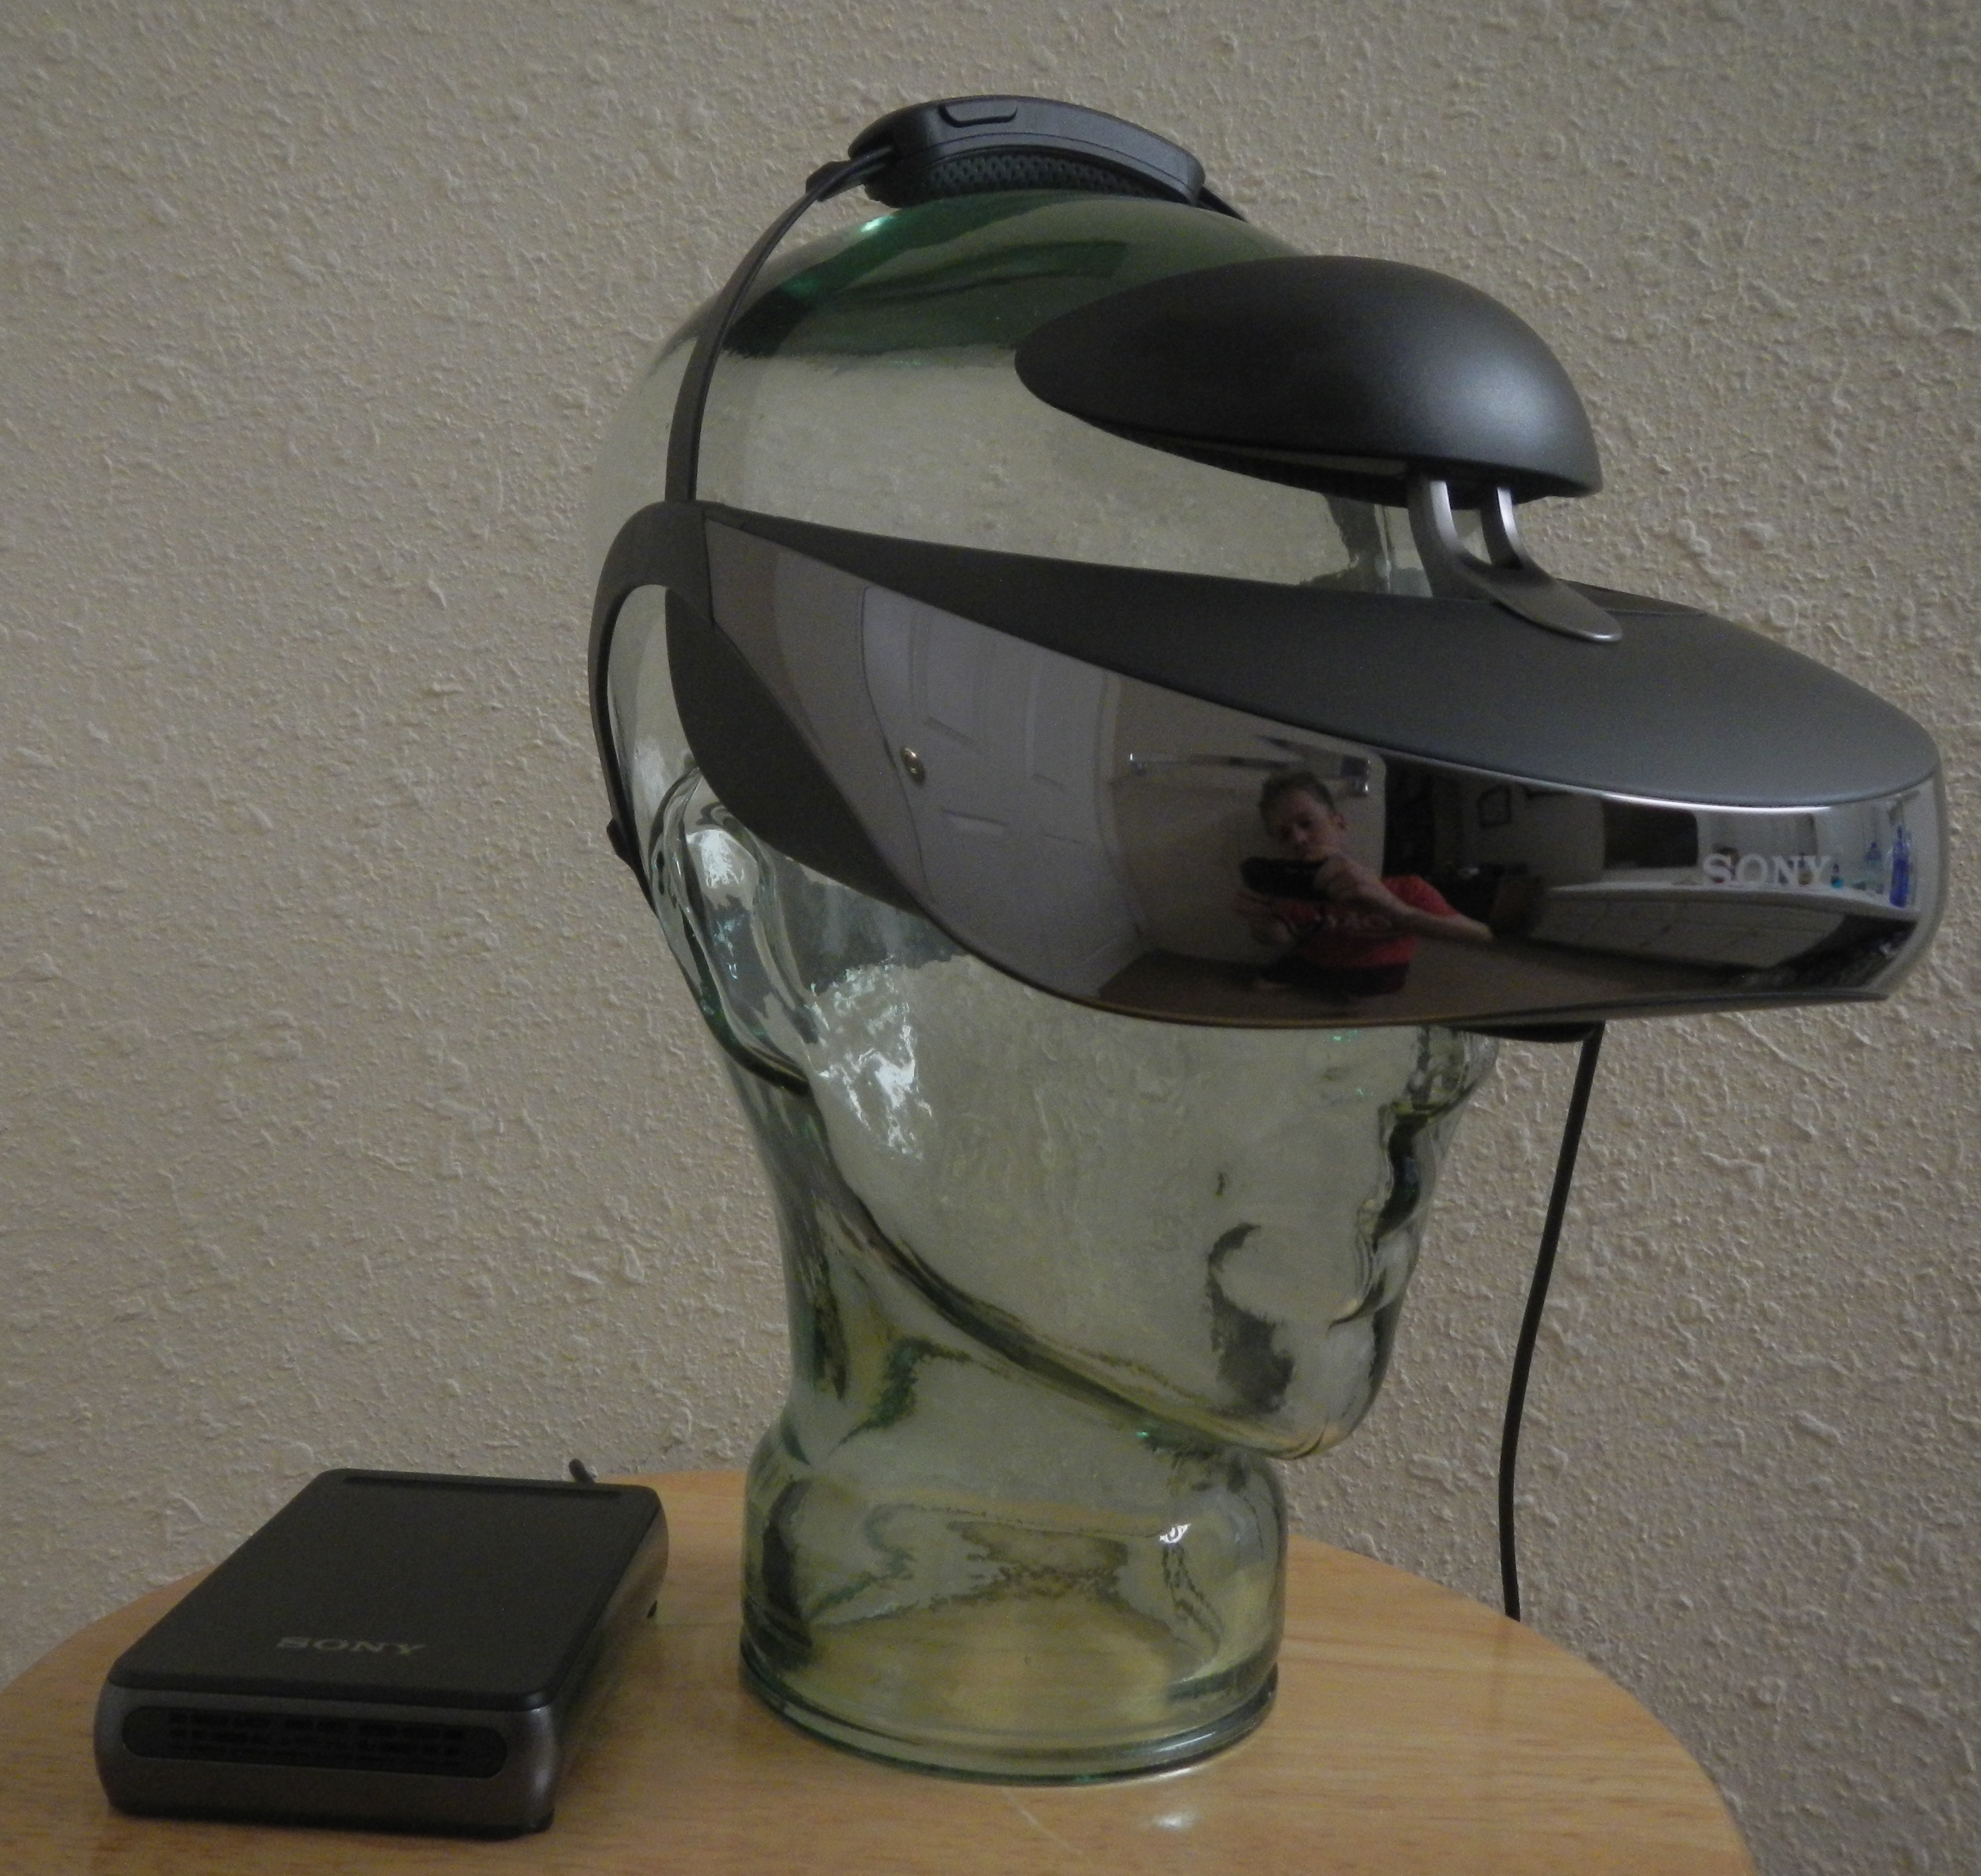 Sony HMZ-T3W slight right